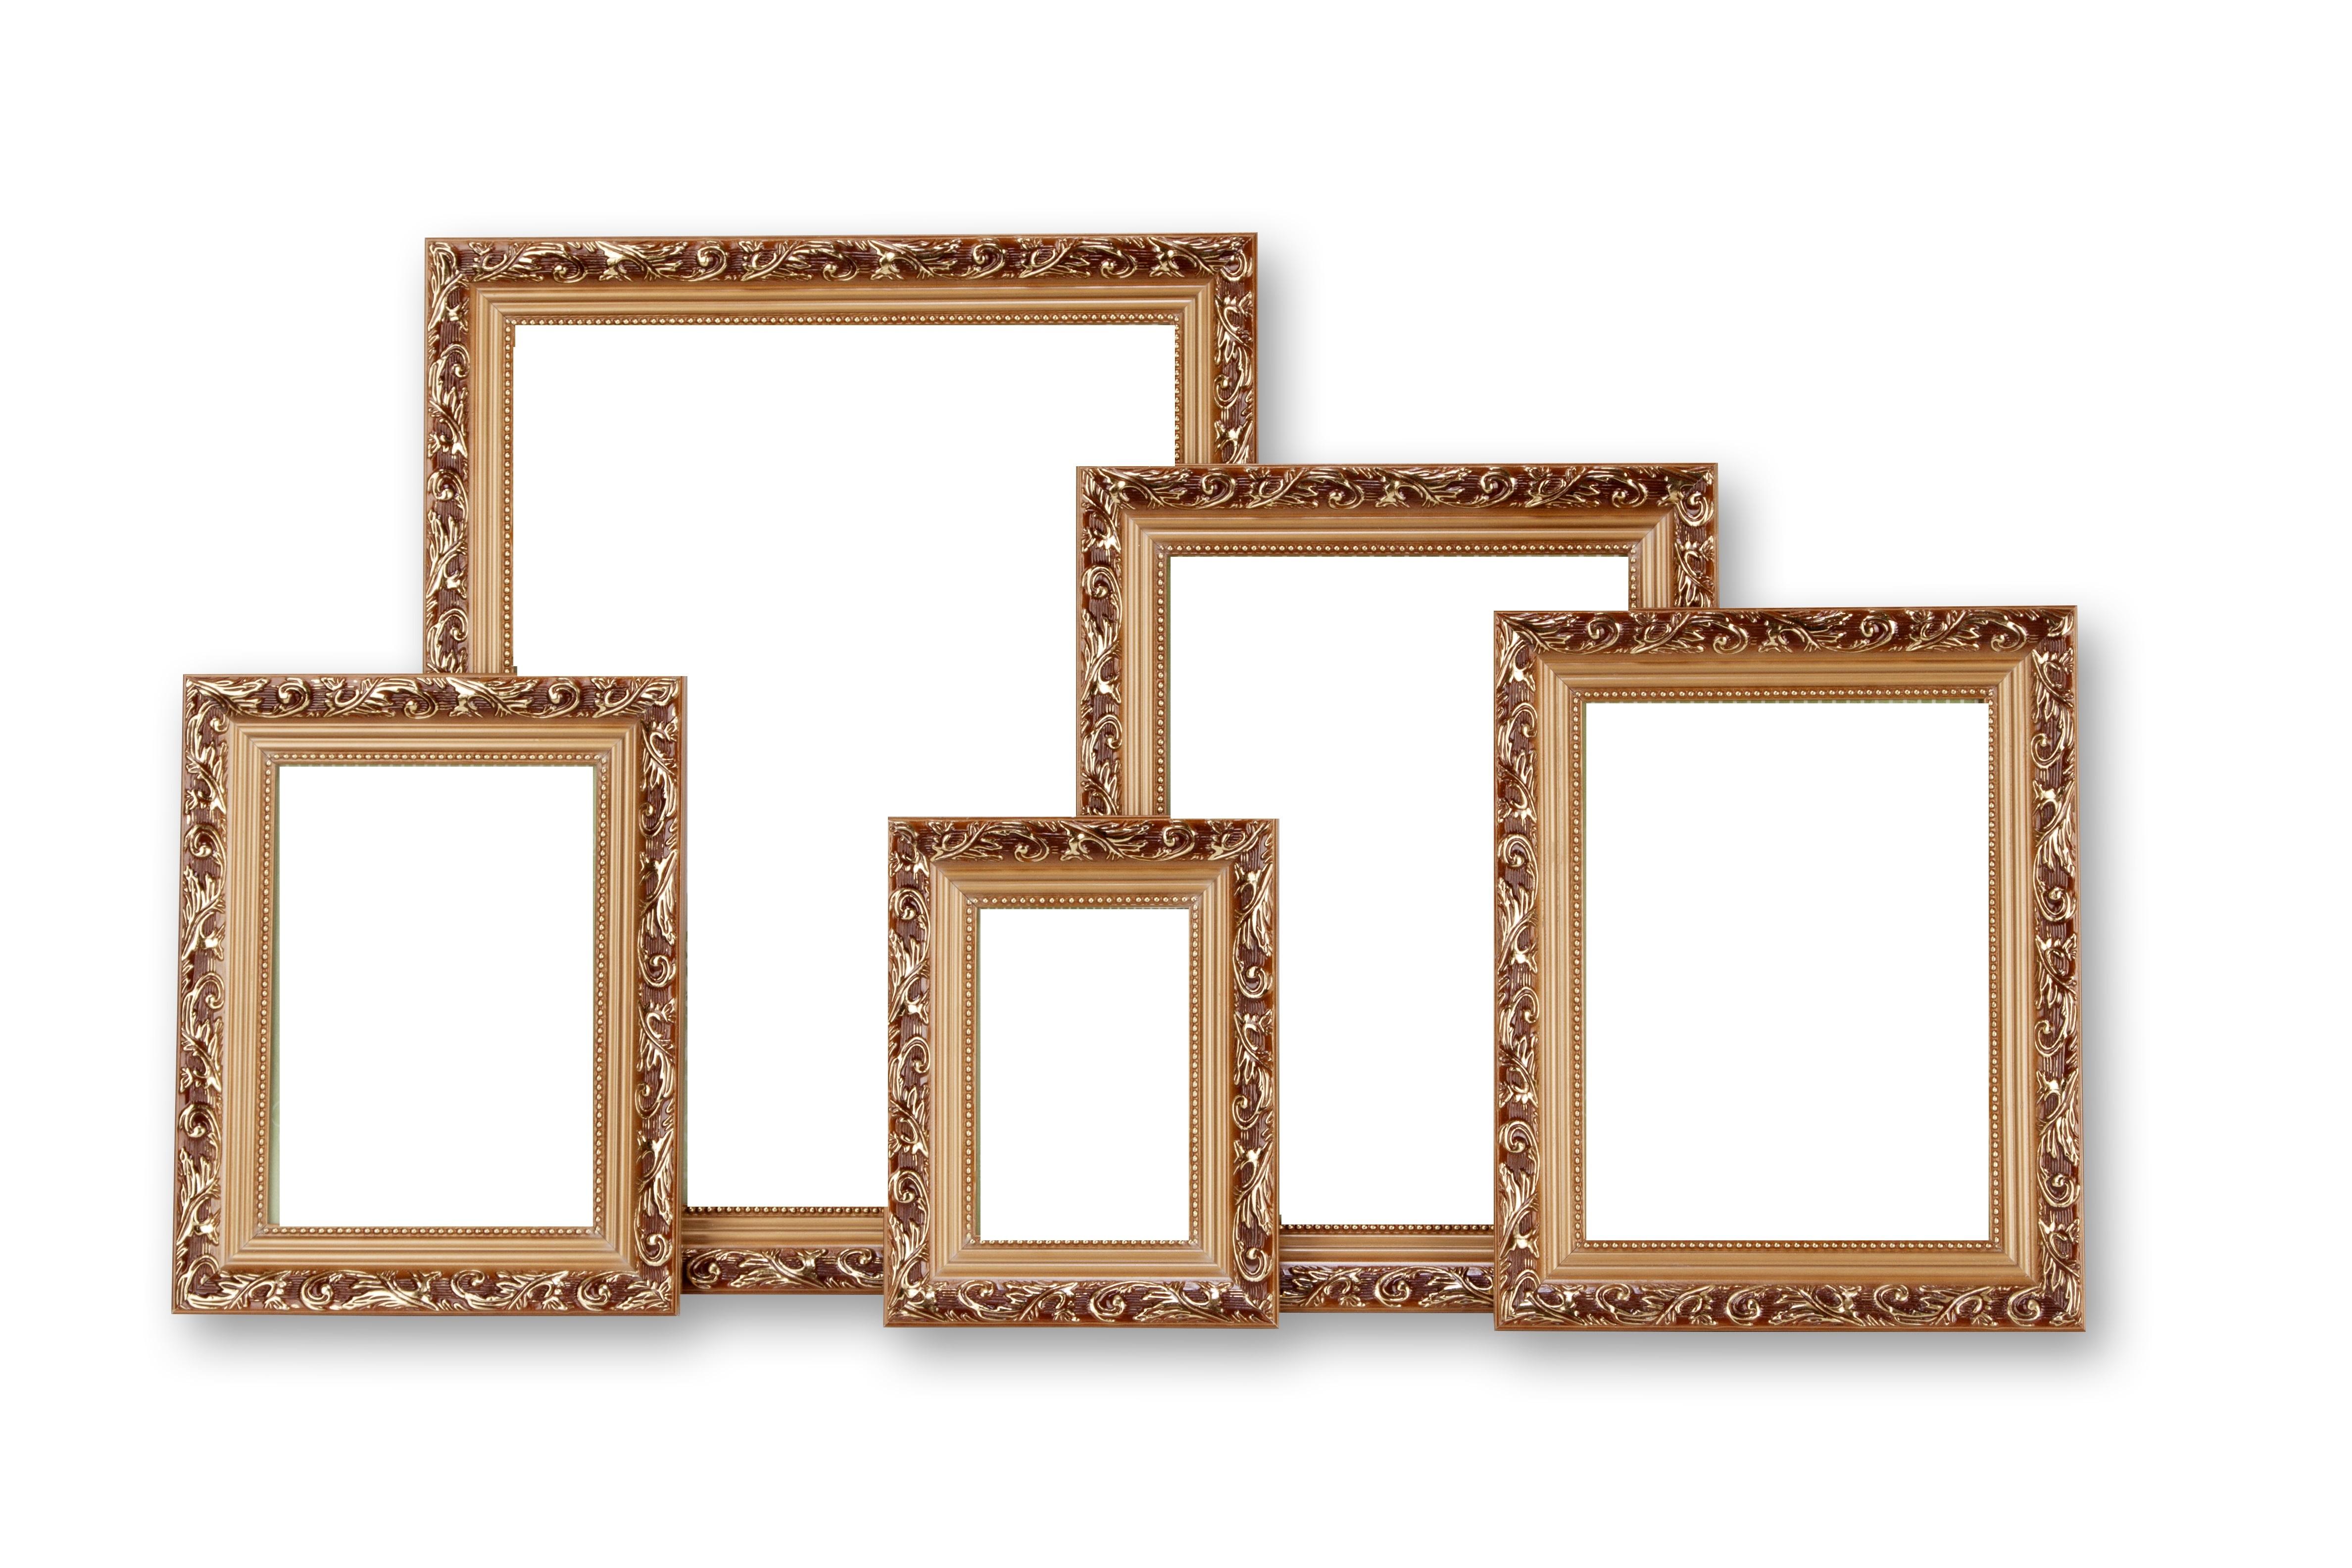 Сбор заказов. Багеты,рамки ,фоторамки из натурального дерева для картин по номерам,вышивки,фото!  Очень дешево. -9